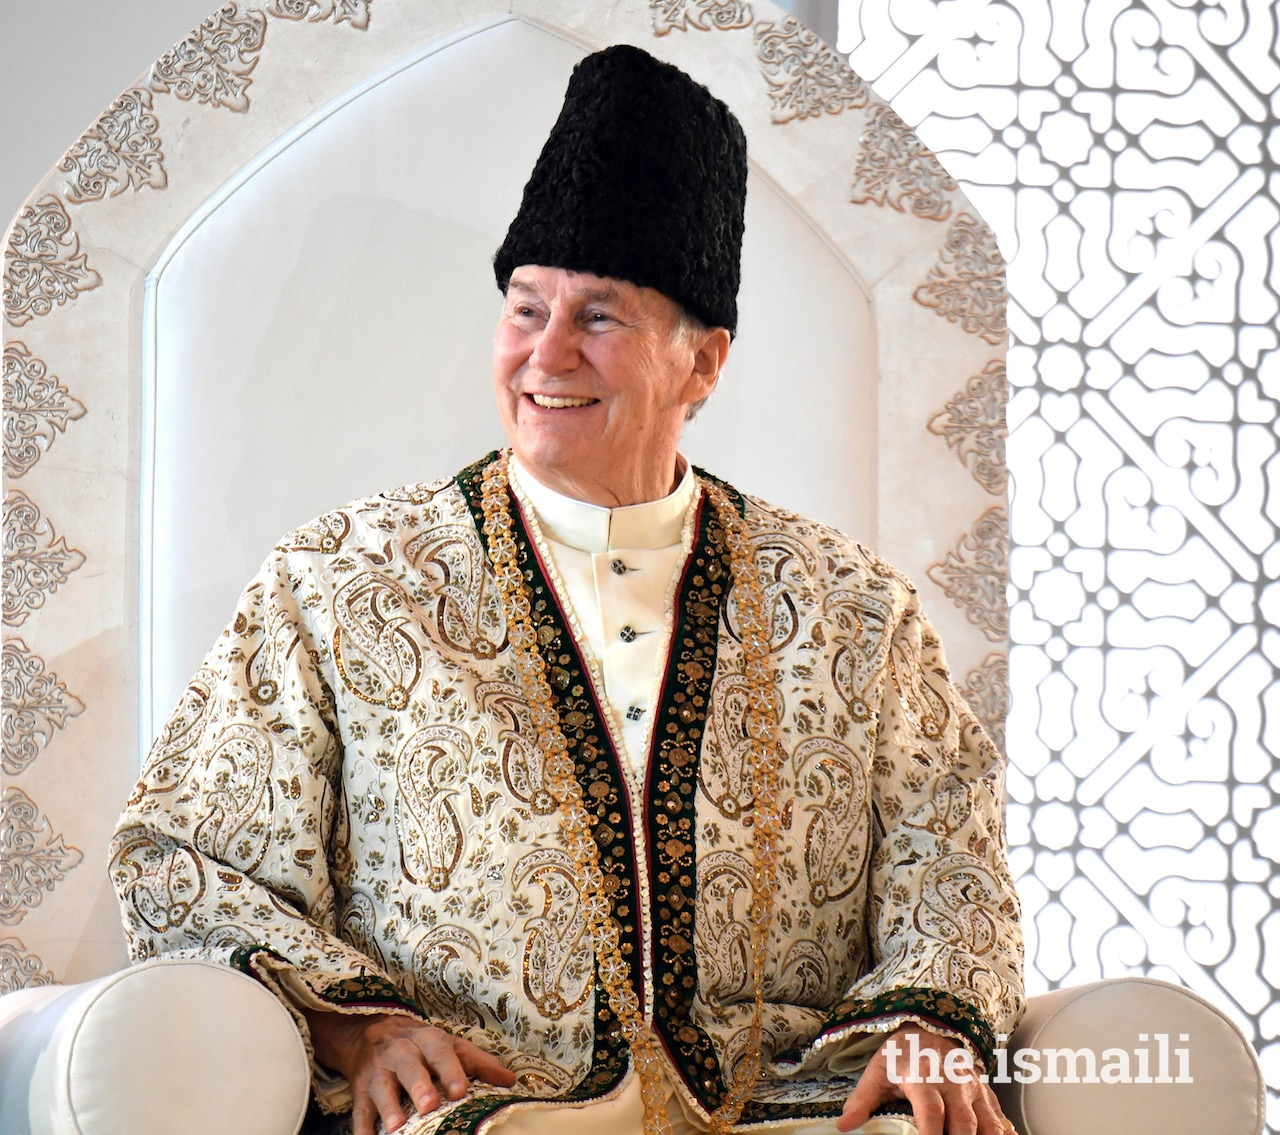 Mawlana Hazar Imam